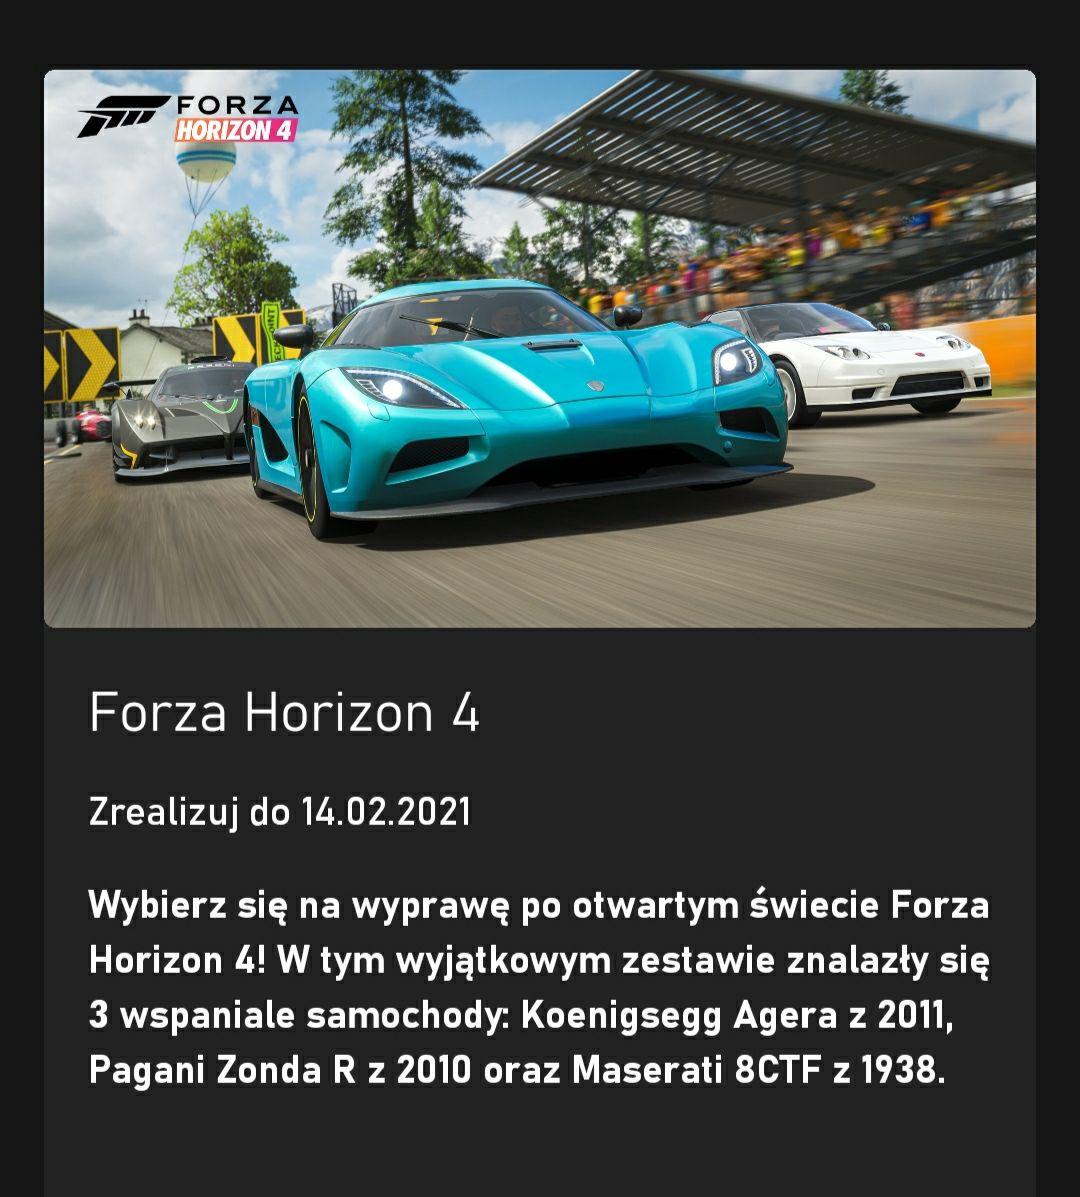 Darmowe samochody do Forza Horizon 4 z GamePass